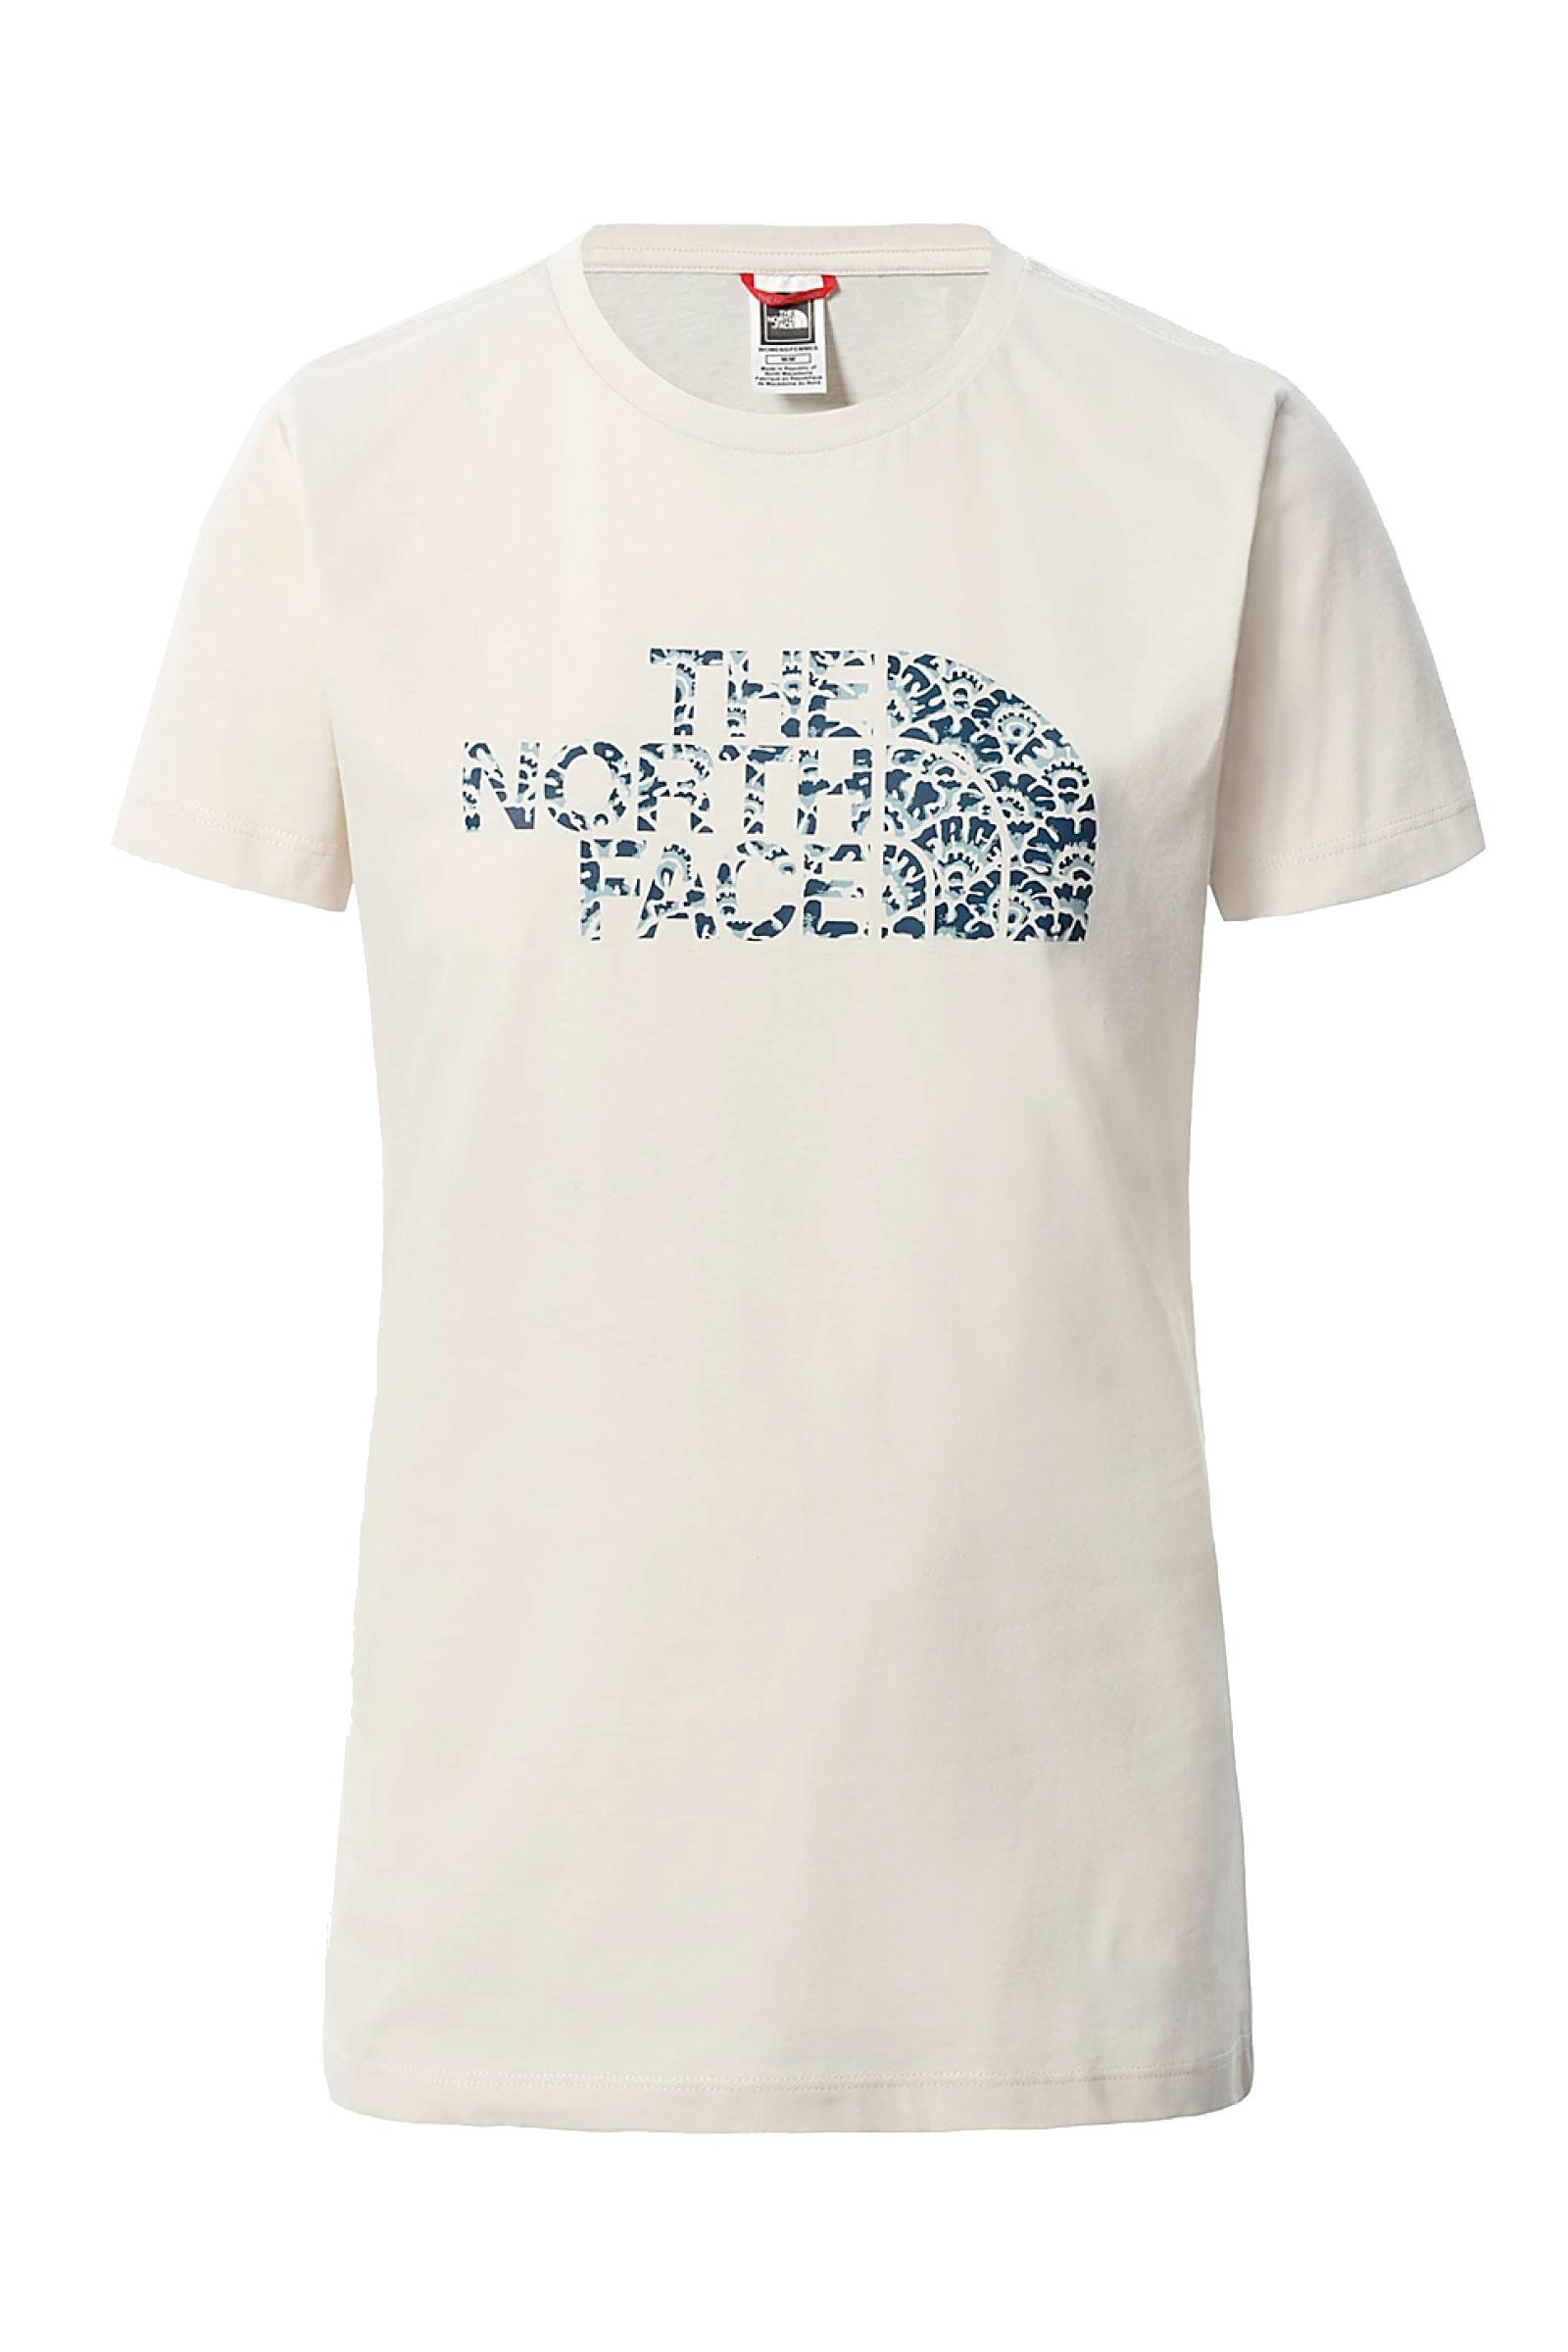 THE NORTH FACE | T-Shirt | NF0A4T1Q0GW1